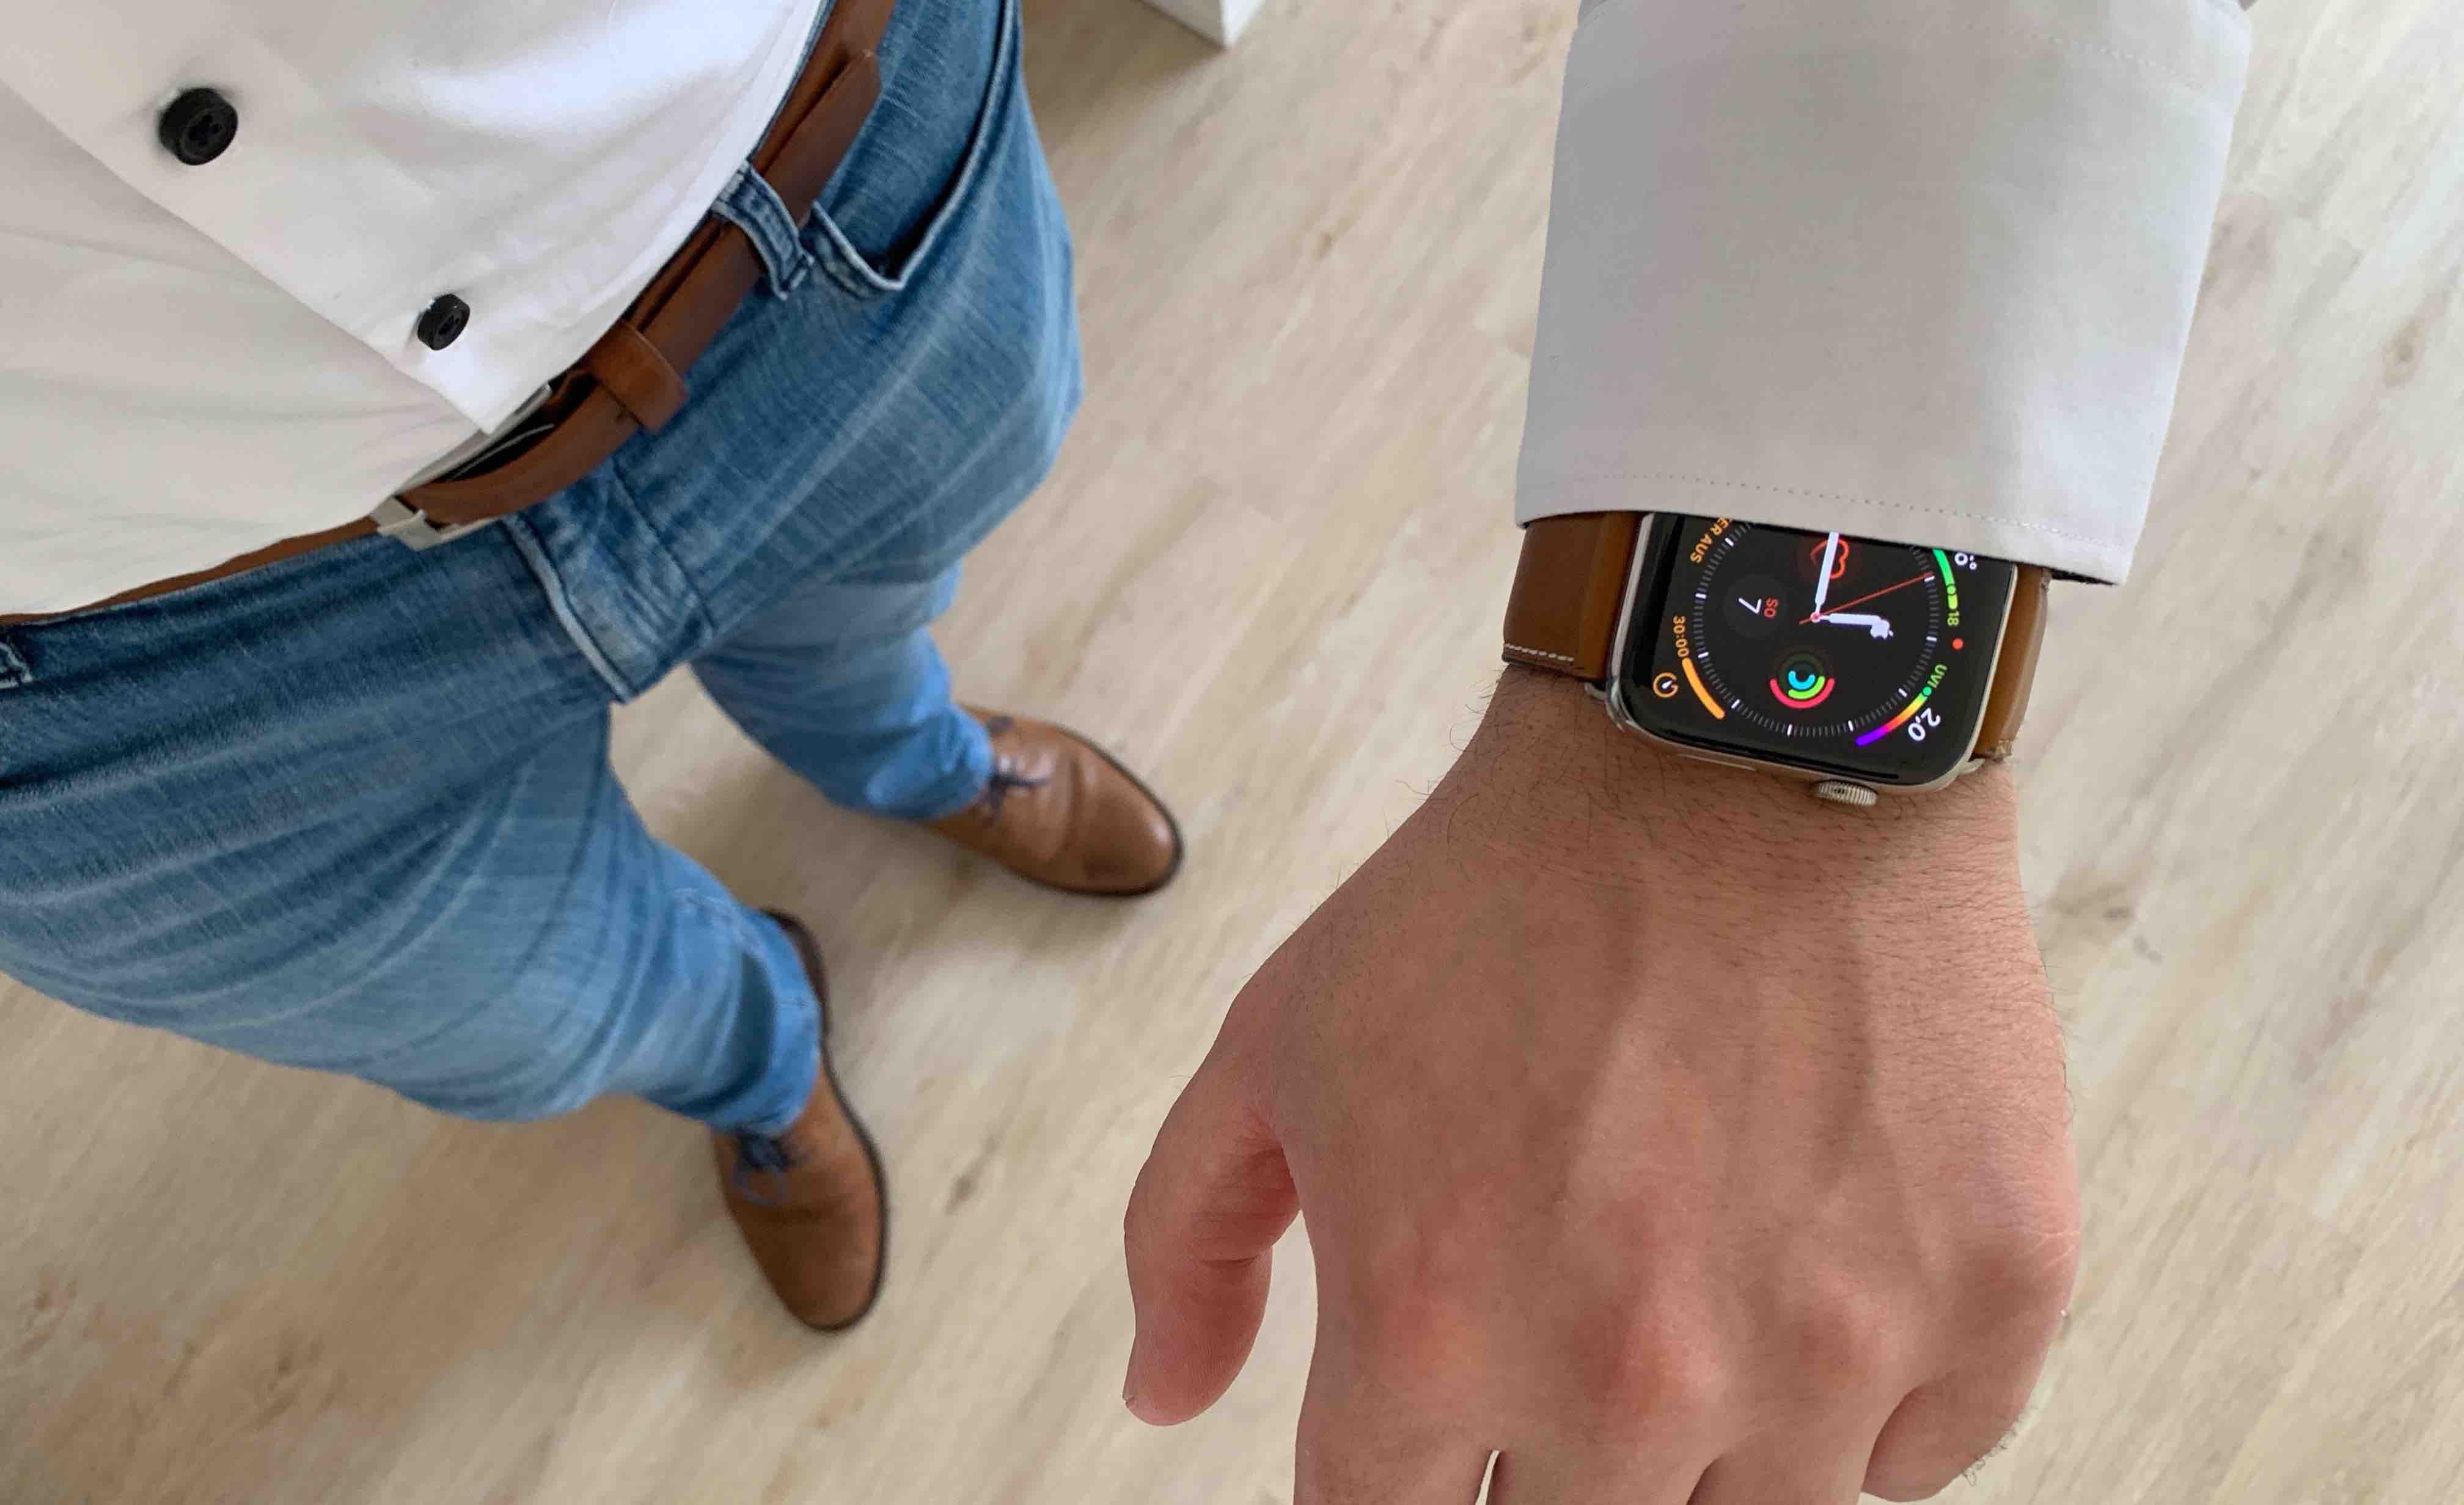 Bandwerk_Armband_Leder_Apple_Watch3 Im Test: Echtlederarmband mit Faltschließe von Bandwerk - chic, hochwertig und luxuriös